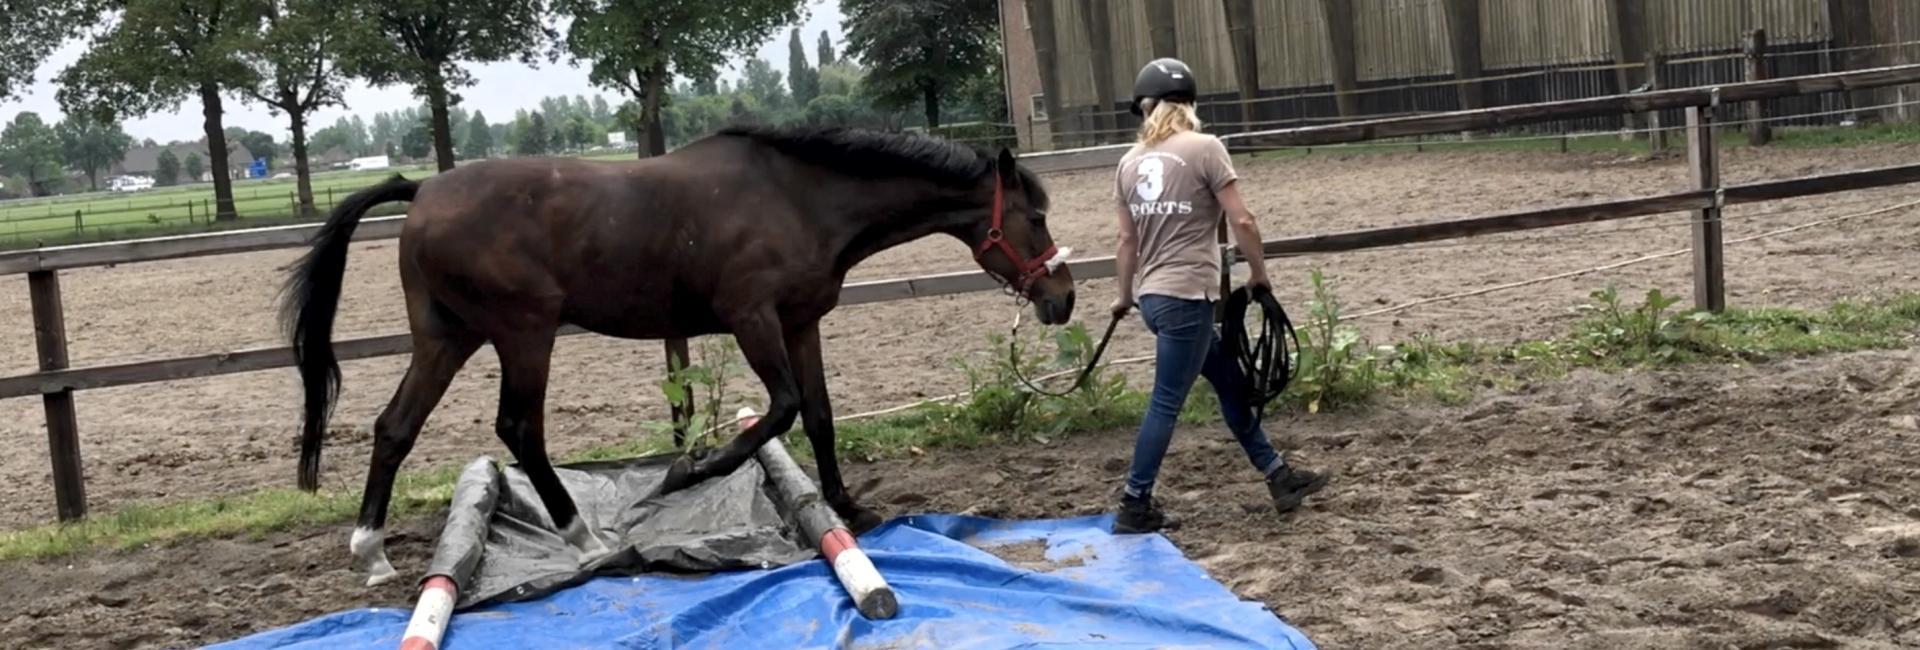 Paard over zeil